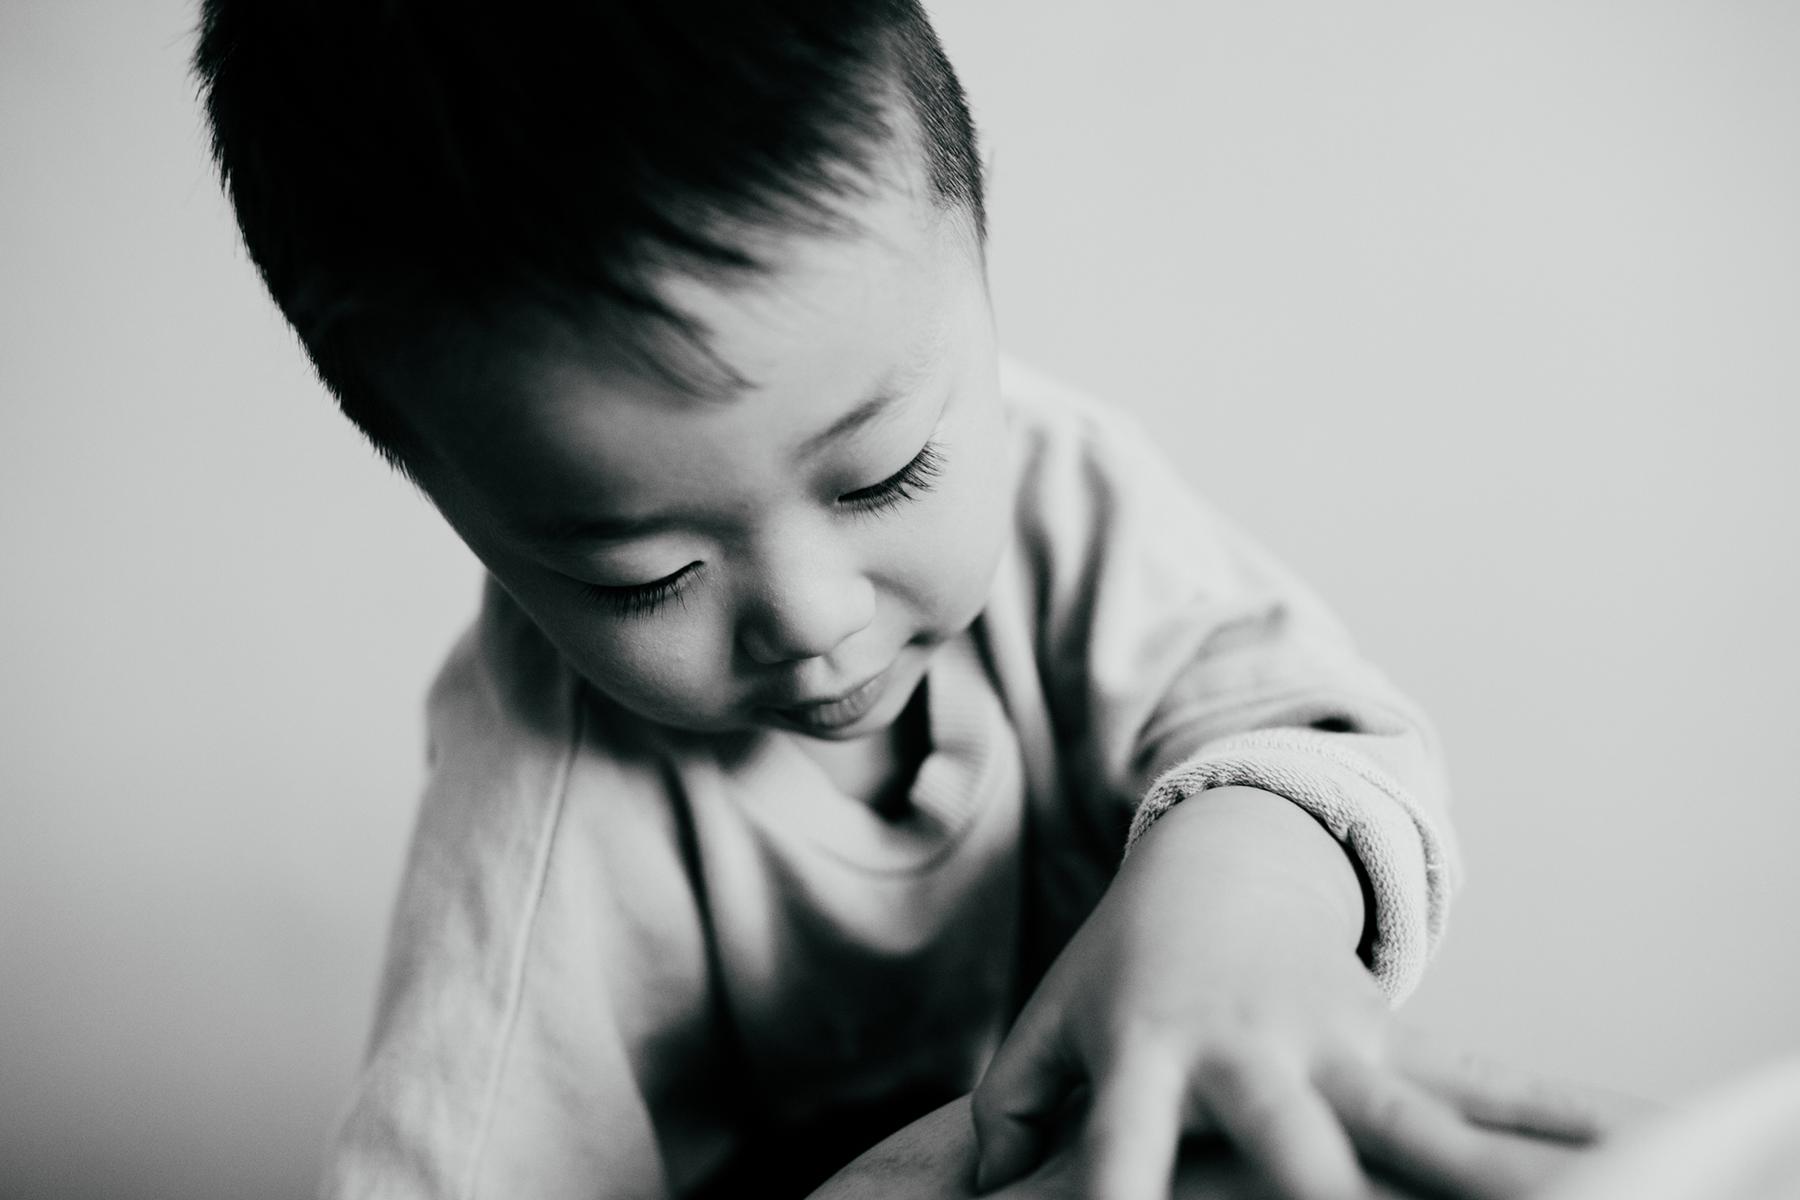 Professionelles Portrait eines kleinen Jungen